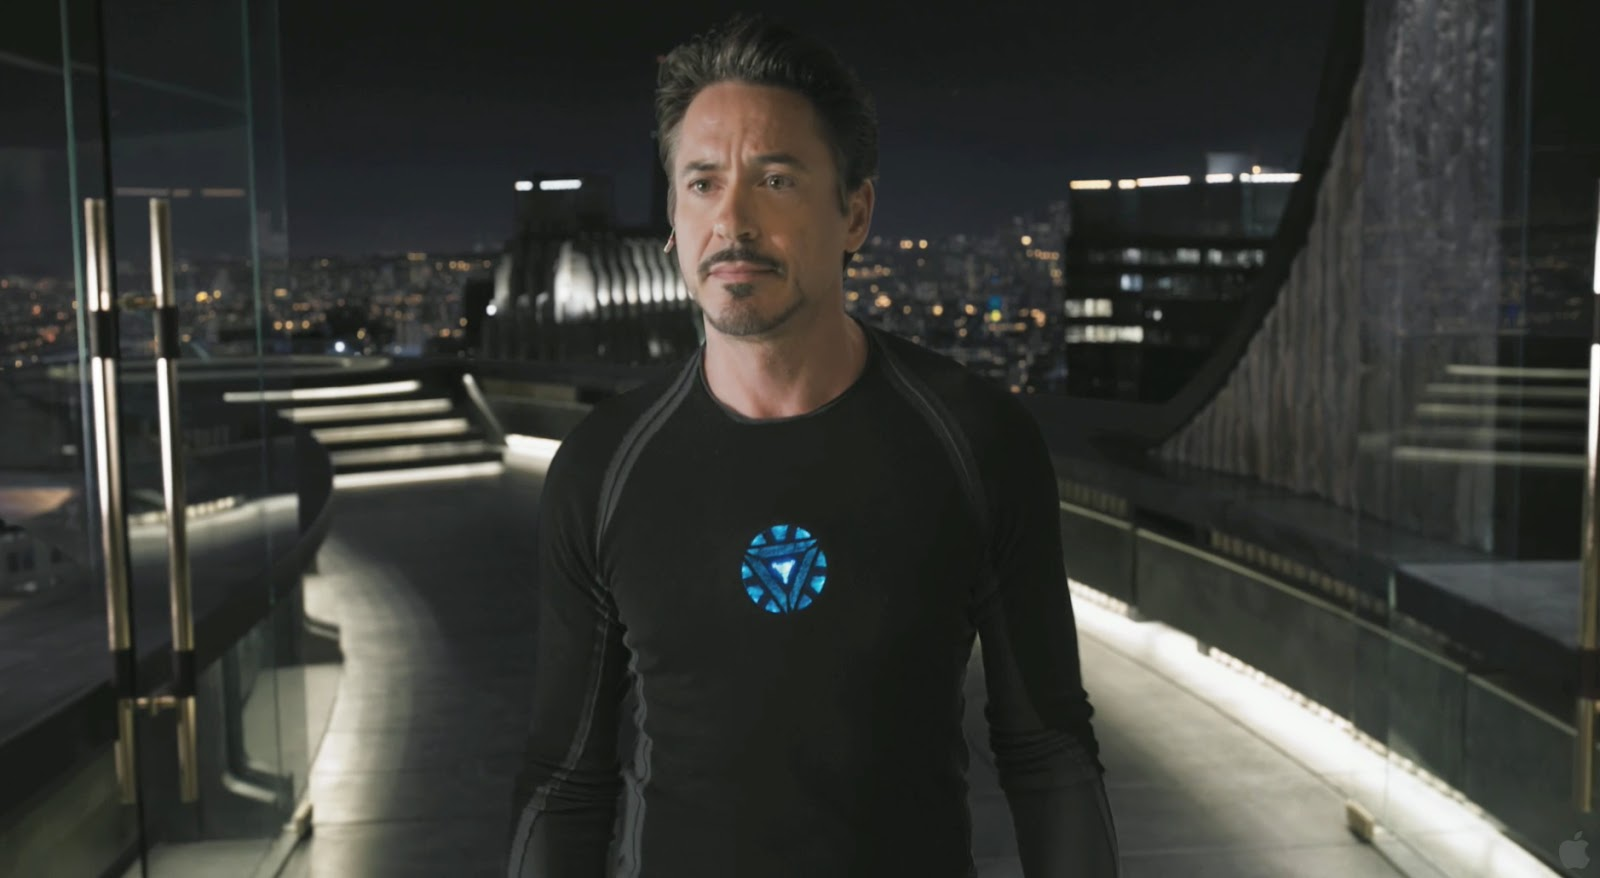 http://3.bp.blogspot.com/-xgLJkQ0_Z00/T6kgdLHghfI/AAAAAAAAB1w/ATN9FhT9Gno/s1600/Robert-Downey-Jr-The-Avengers-Iron-Man-3.jpg